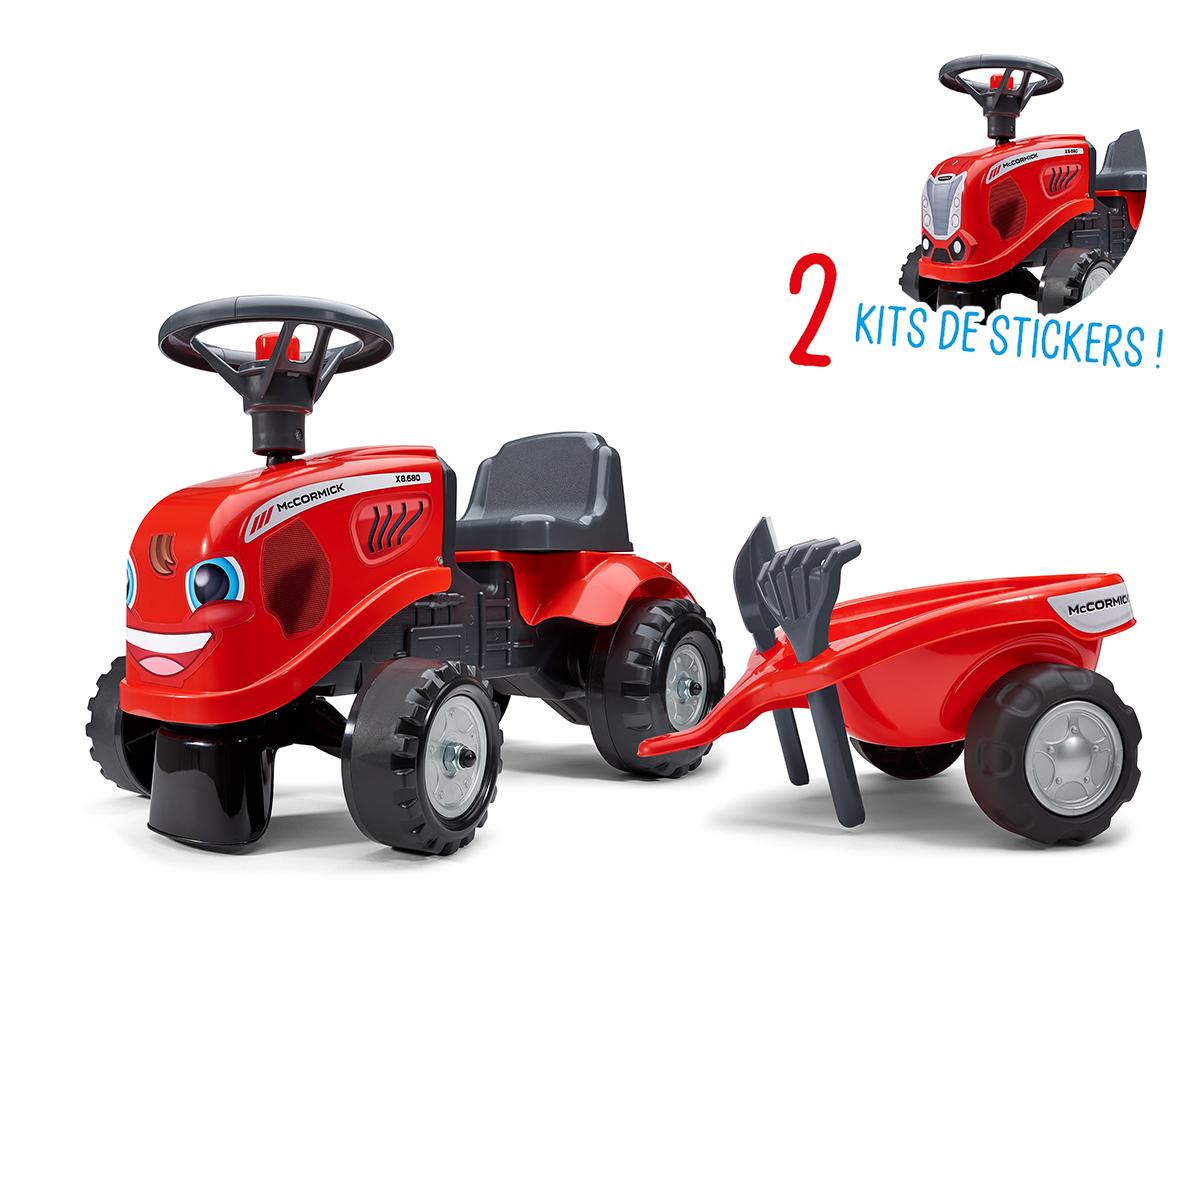 Porteur Falk tracteur Mc Cormick avec remorque - pelle et rateau - Rouge